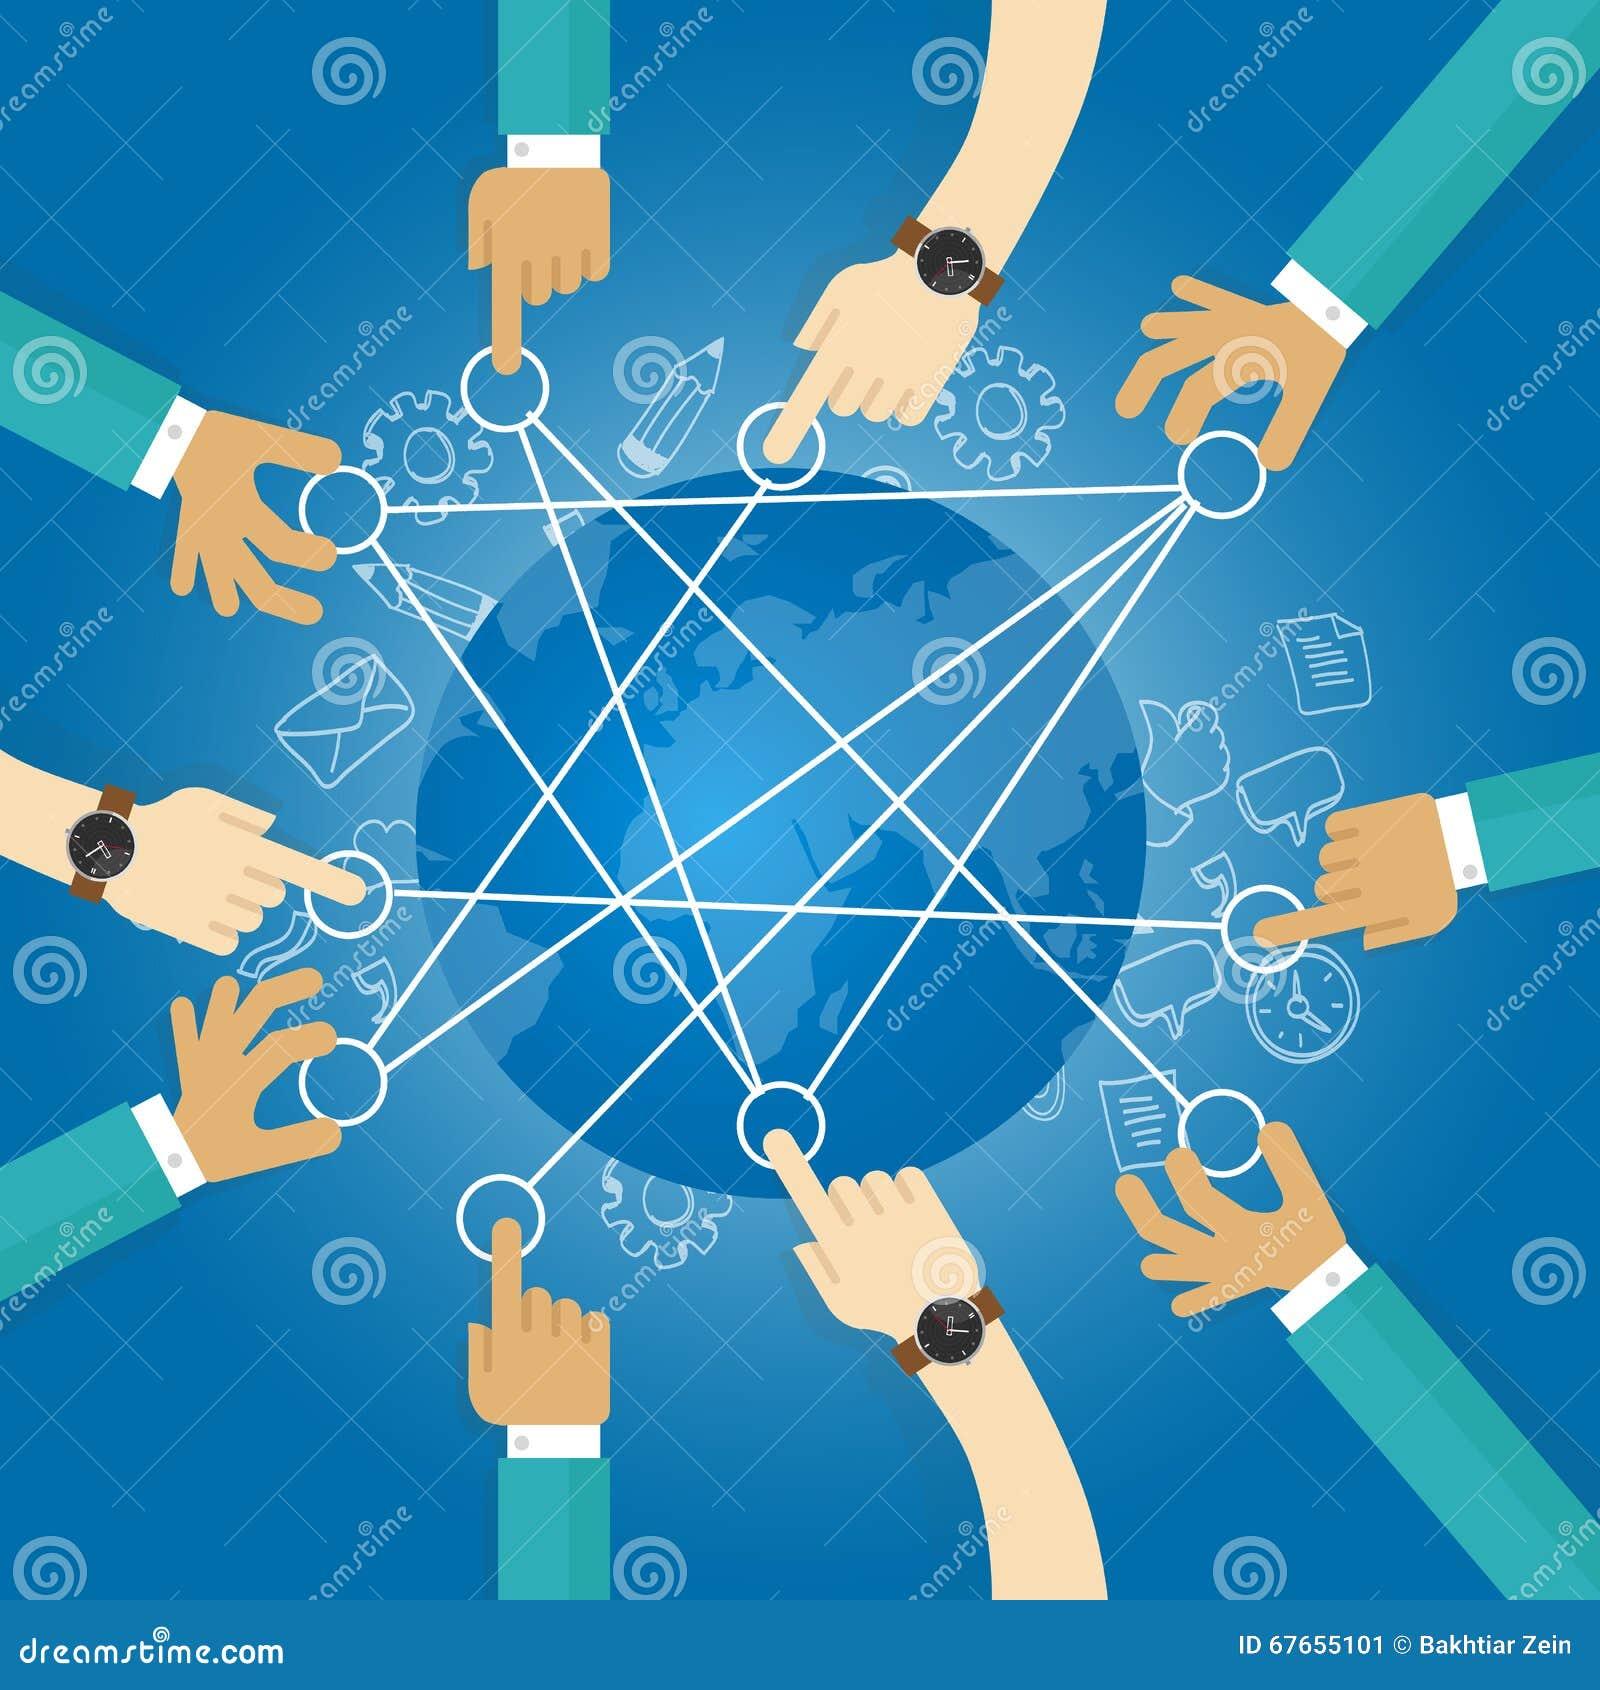 连接的世界大厦运输网络地球合作队工作互联基础设施.图片